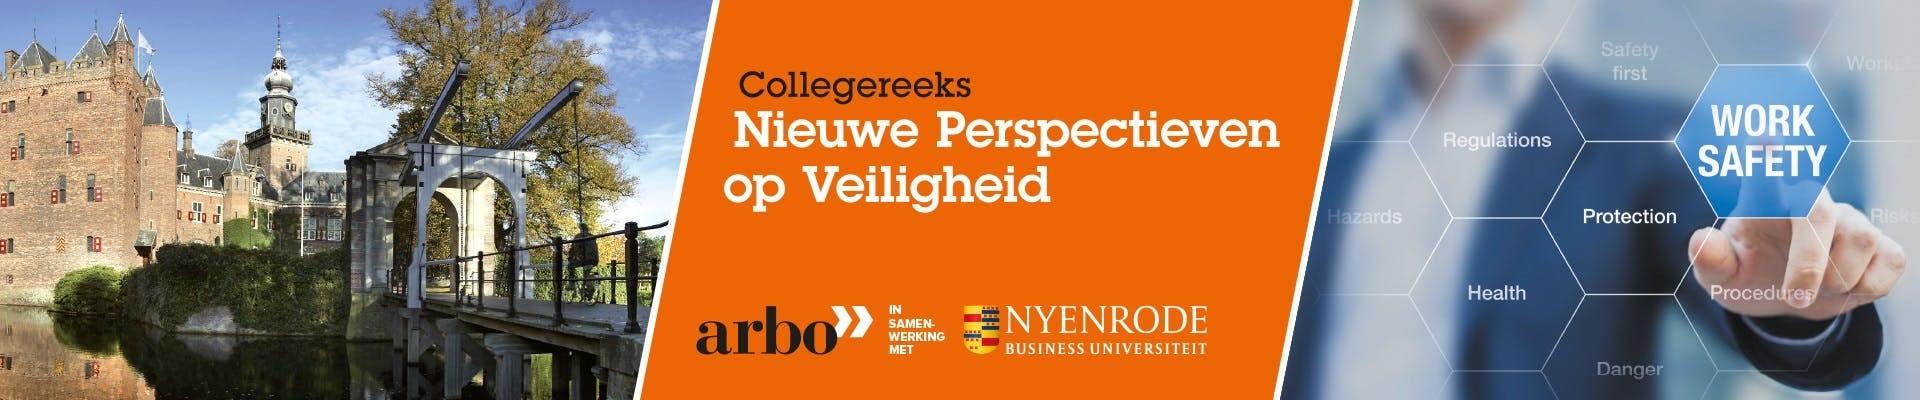 Nieuwe perspectieven collegereeks